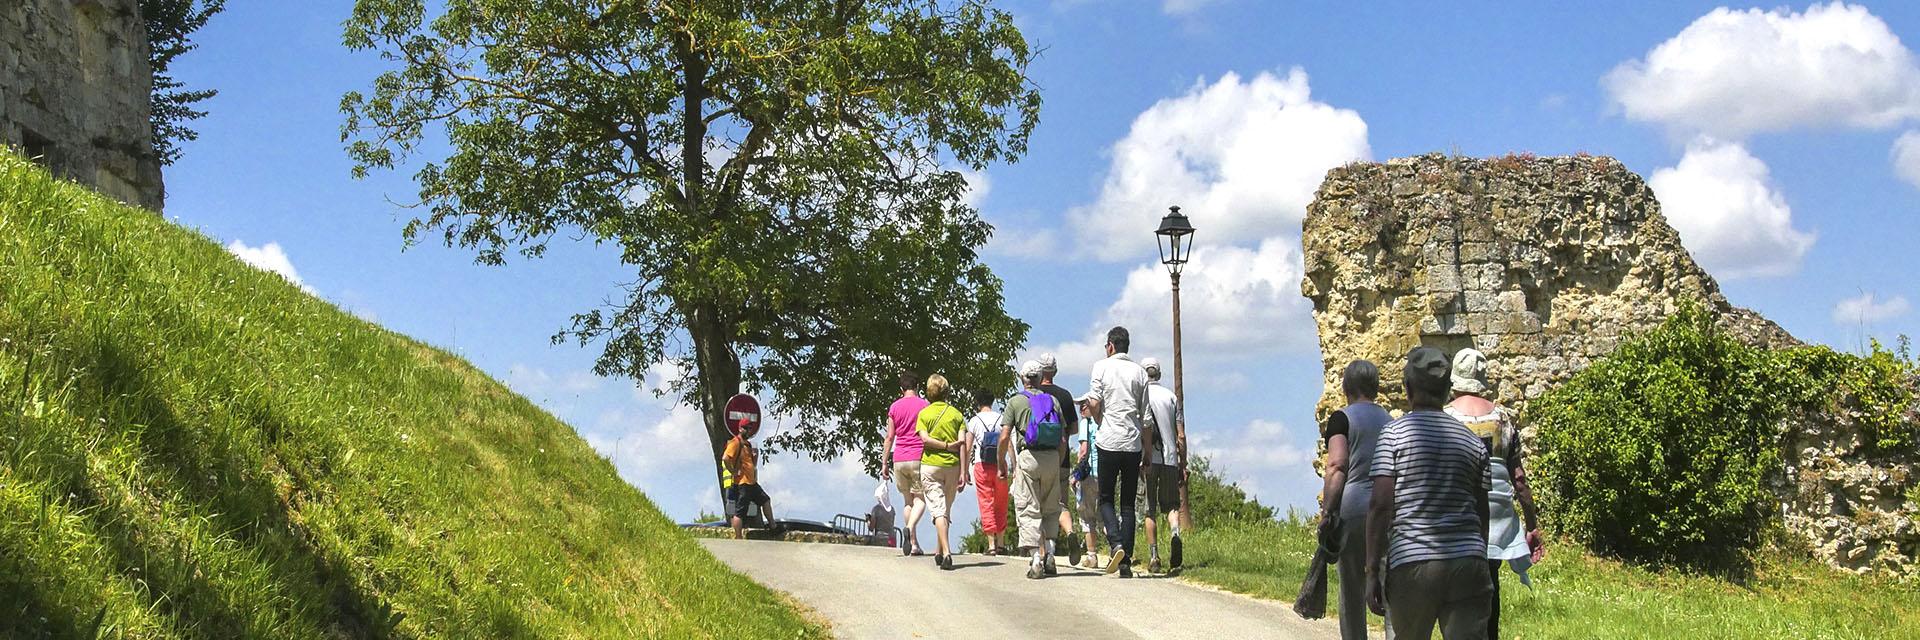 village-vacance-le-hameau-des-etoiles-domaine-embidoure